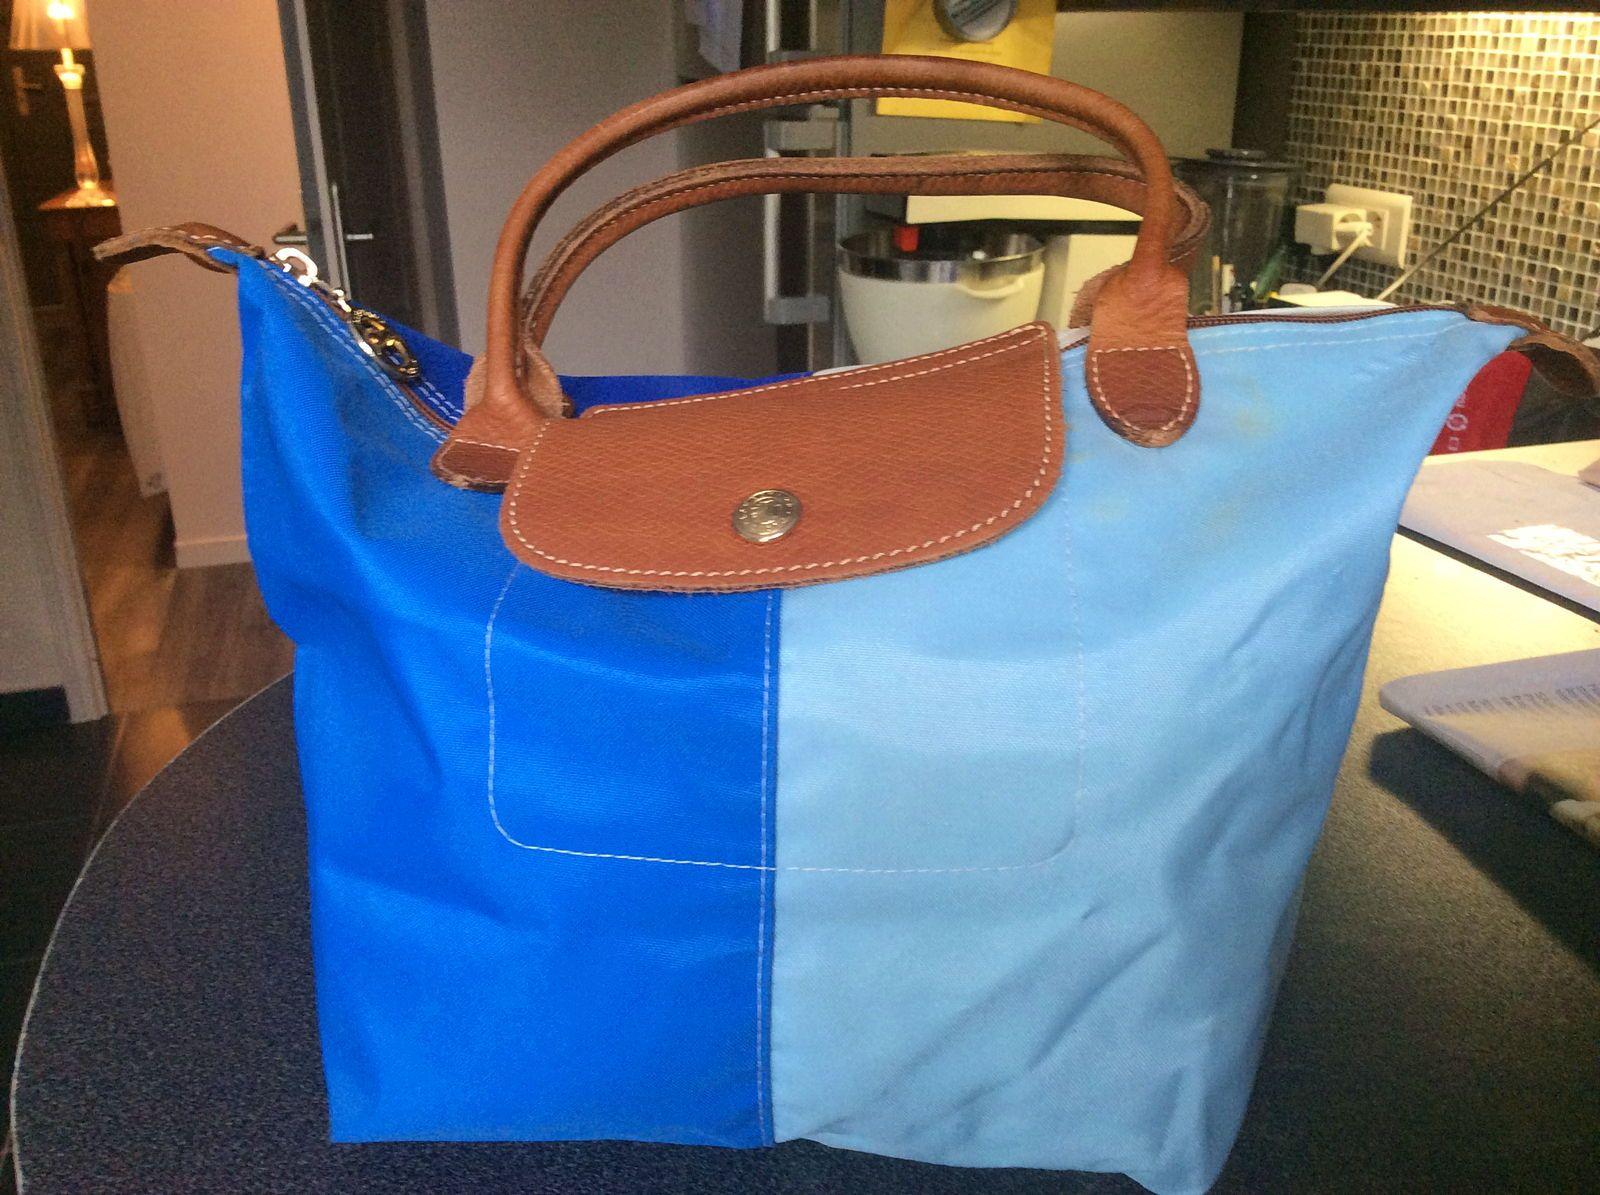 Vends sac pliage LONGCHAMP bleu